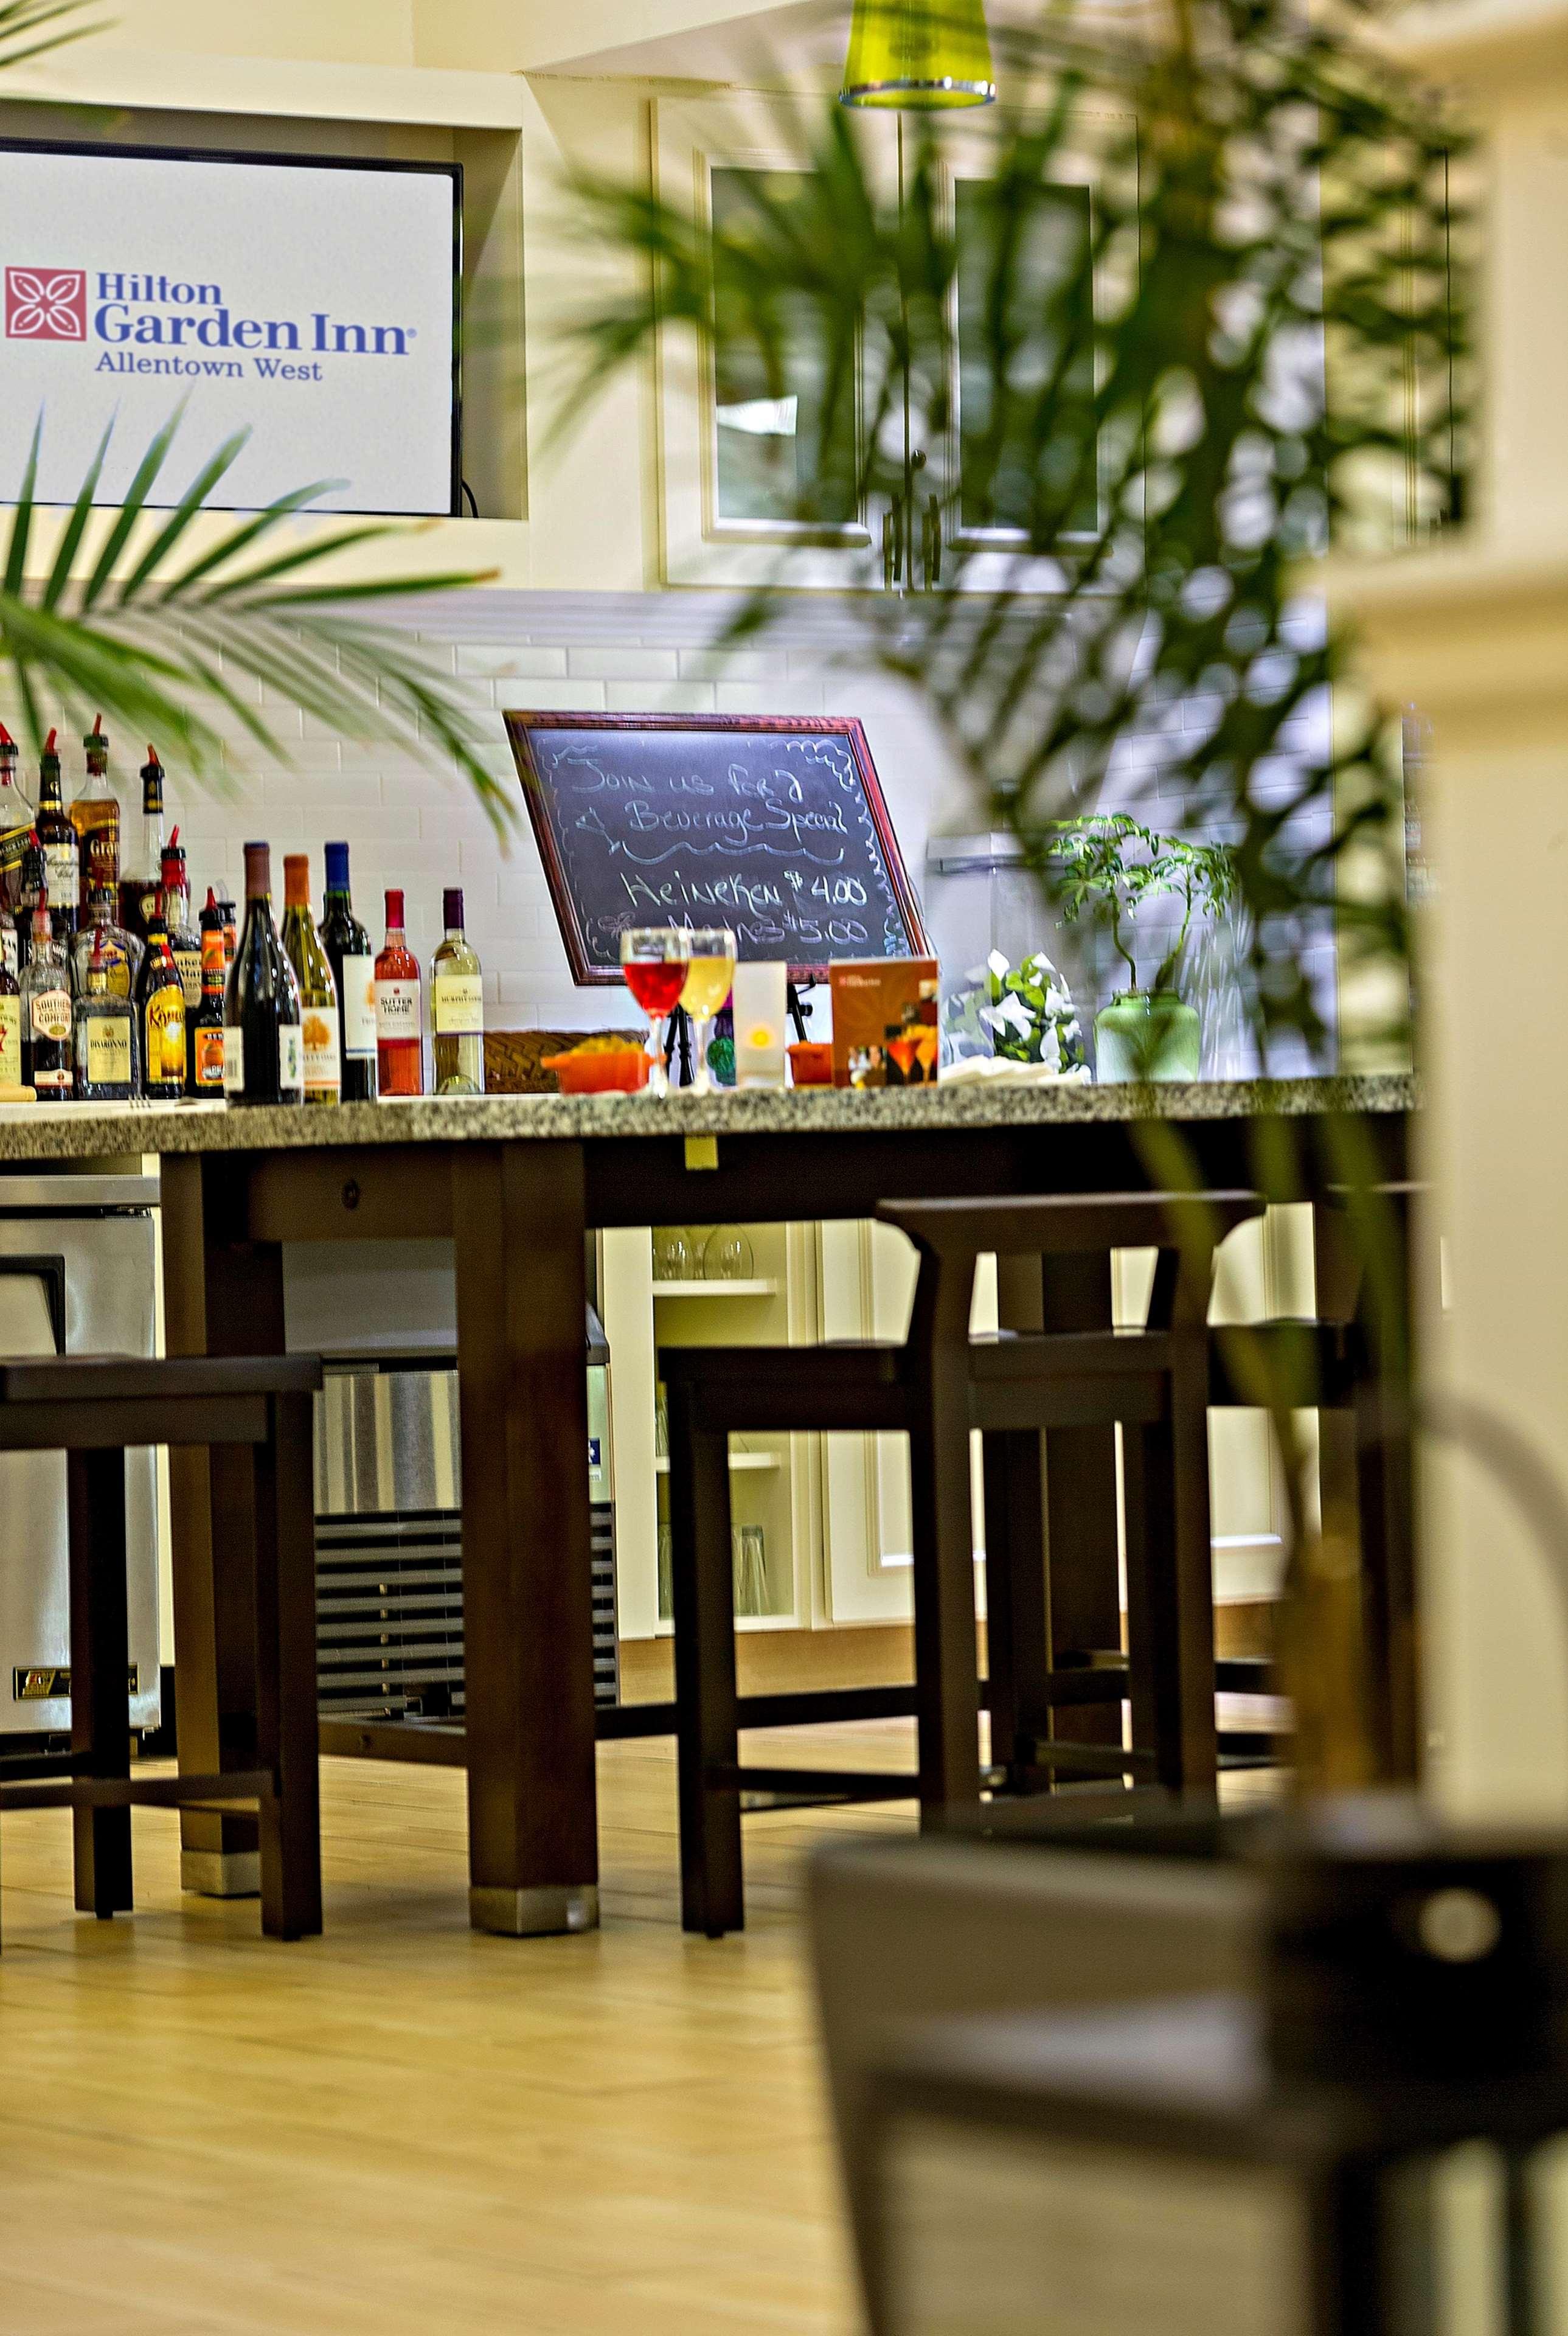 Hilton Garden Inn Allentown West image 10